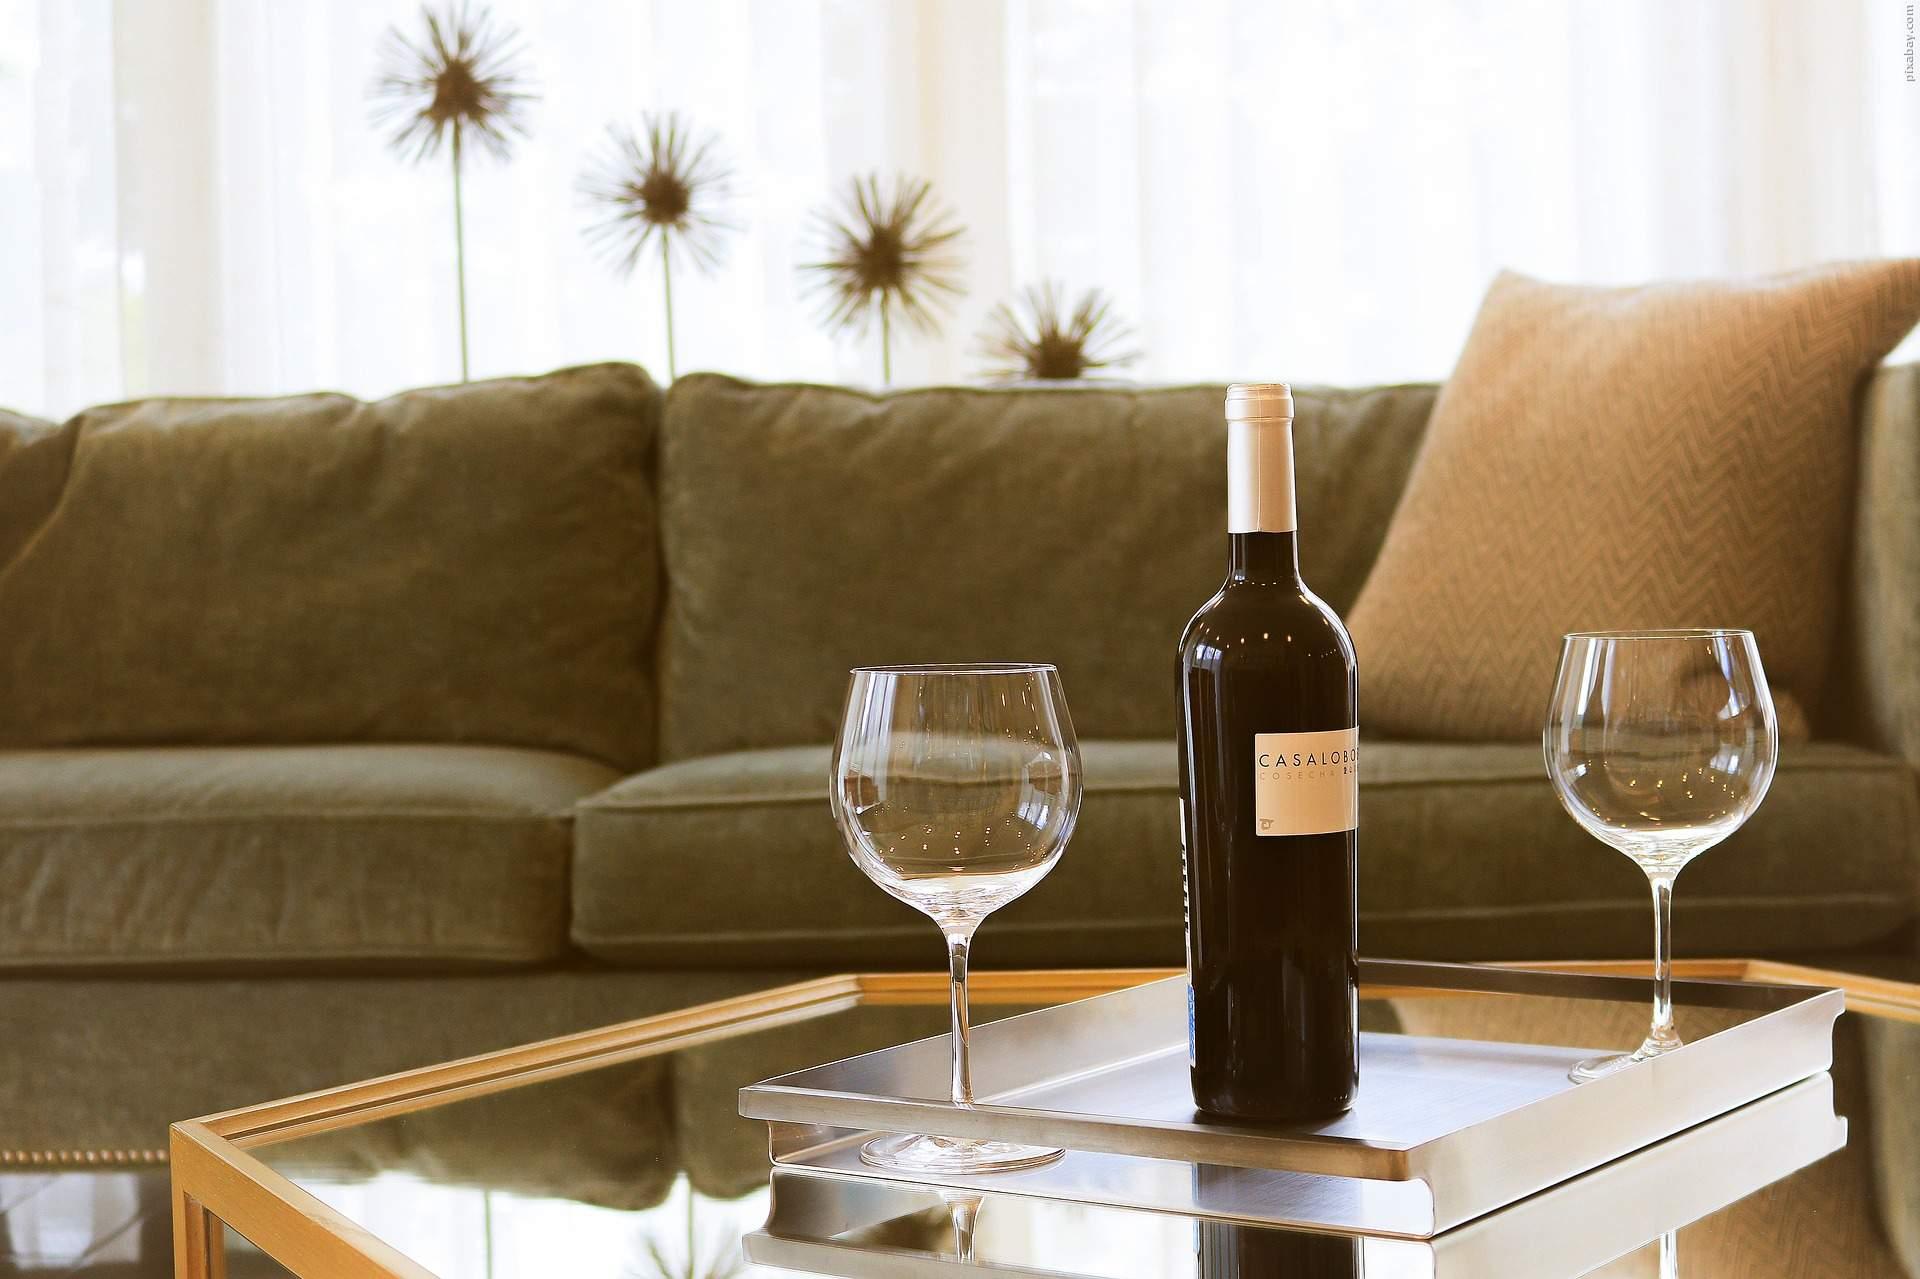 Mit einem guten Wein lässt sich der Fernsehabend noch angenehmer gestalten.